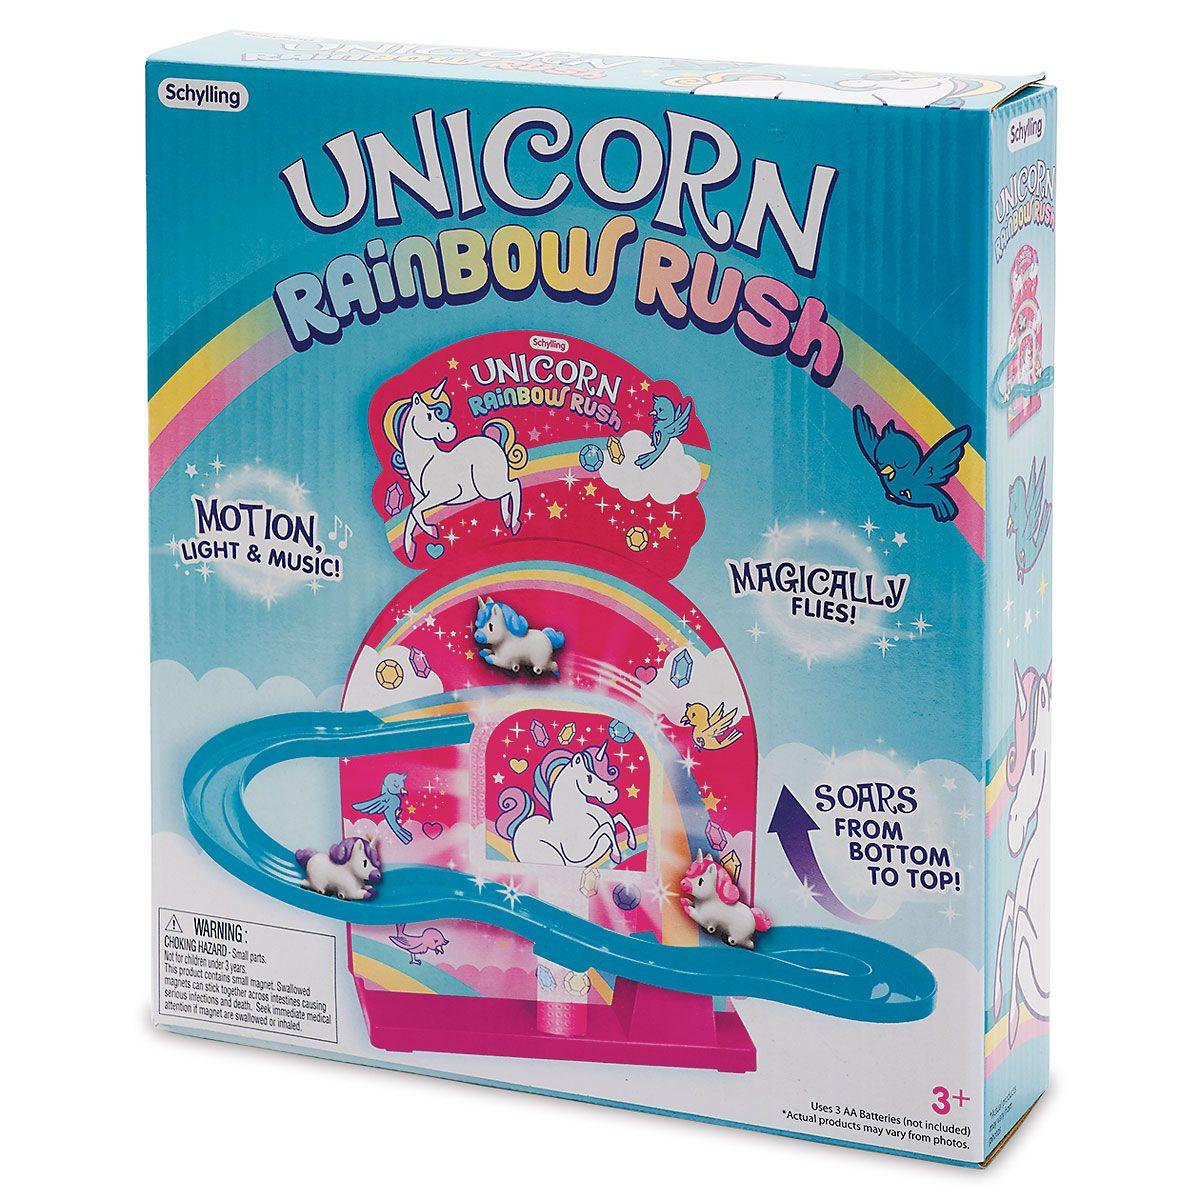 Unicorn Rainbow Rush